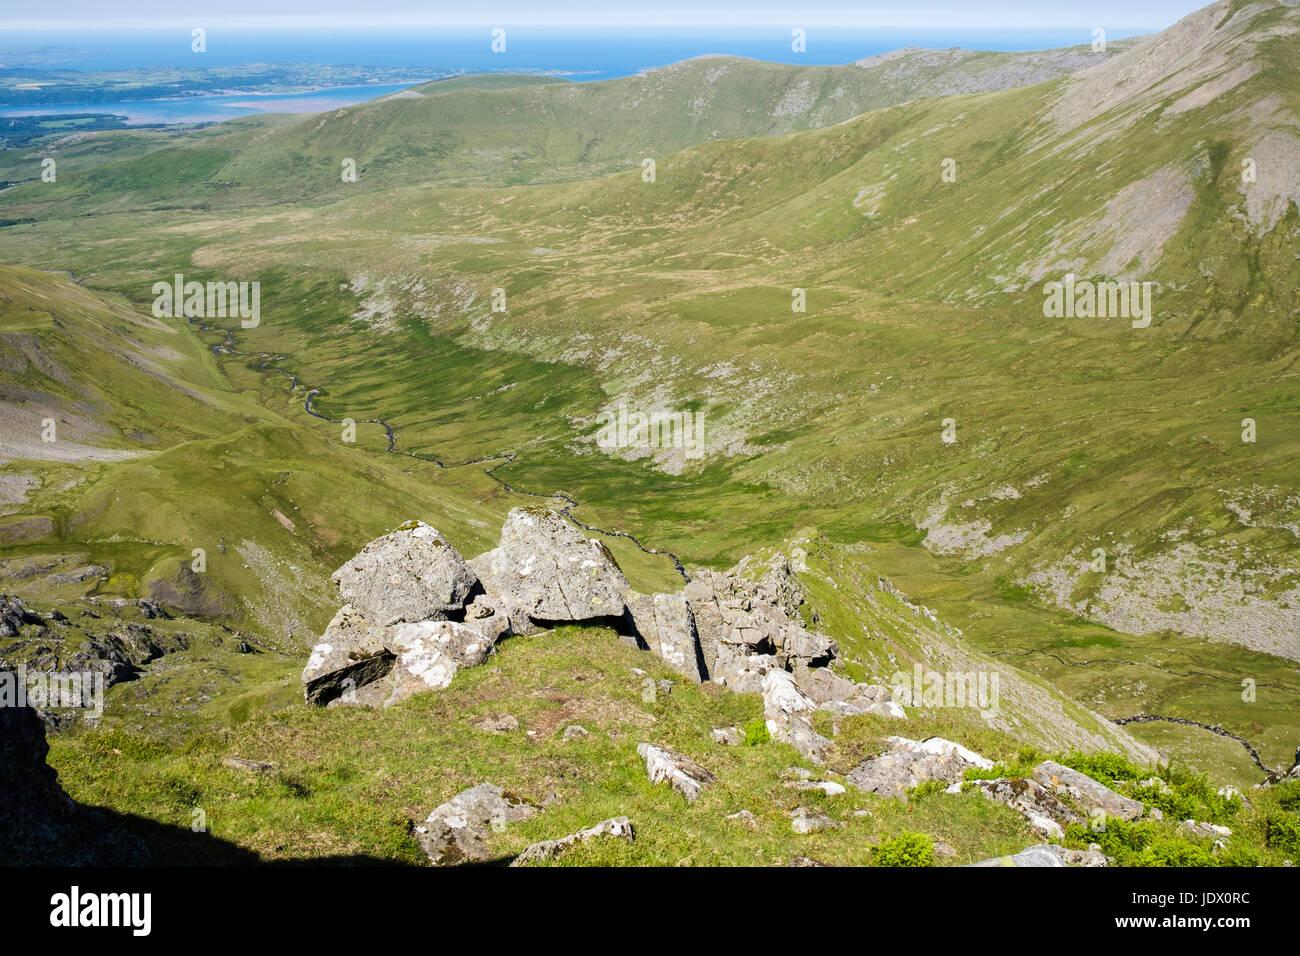 View above Llech Ddu spur (Crib Lem) scramble route to Carnedd Dafydd above Cwm Pen Llafar in Carneddau mountains - Stock Image